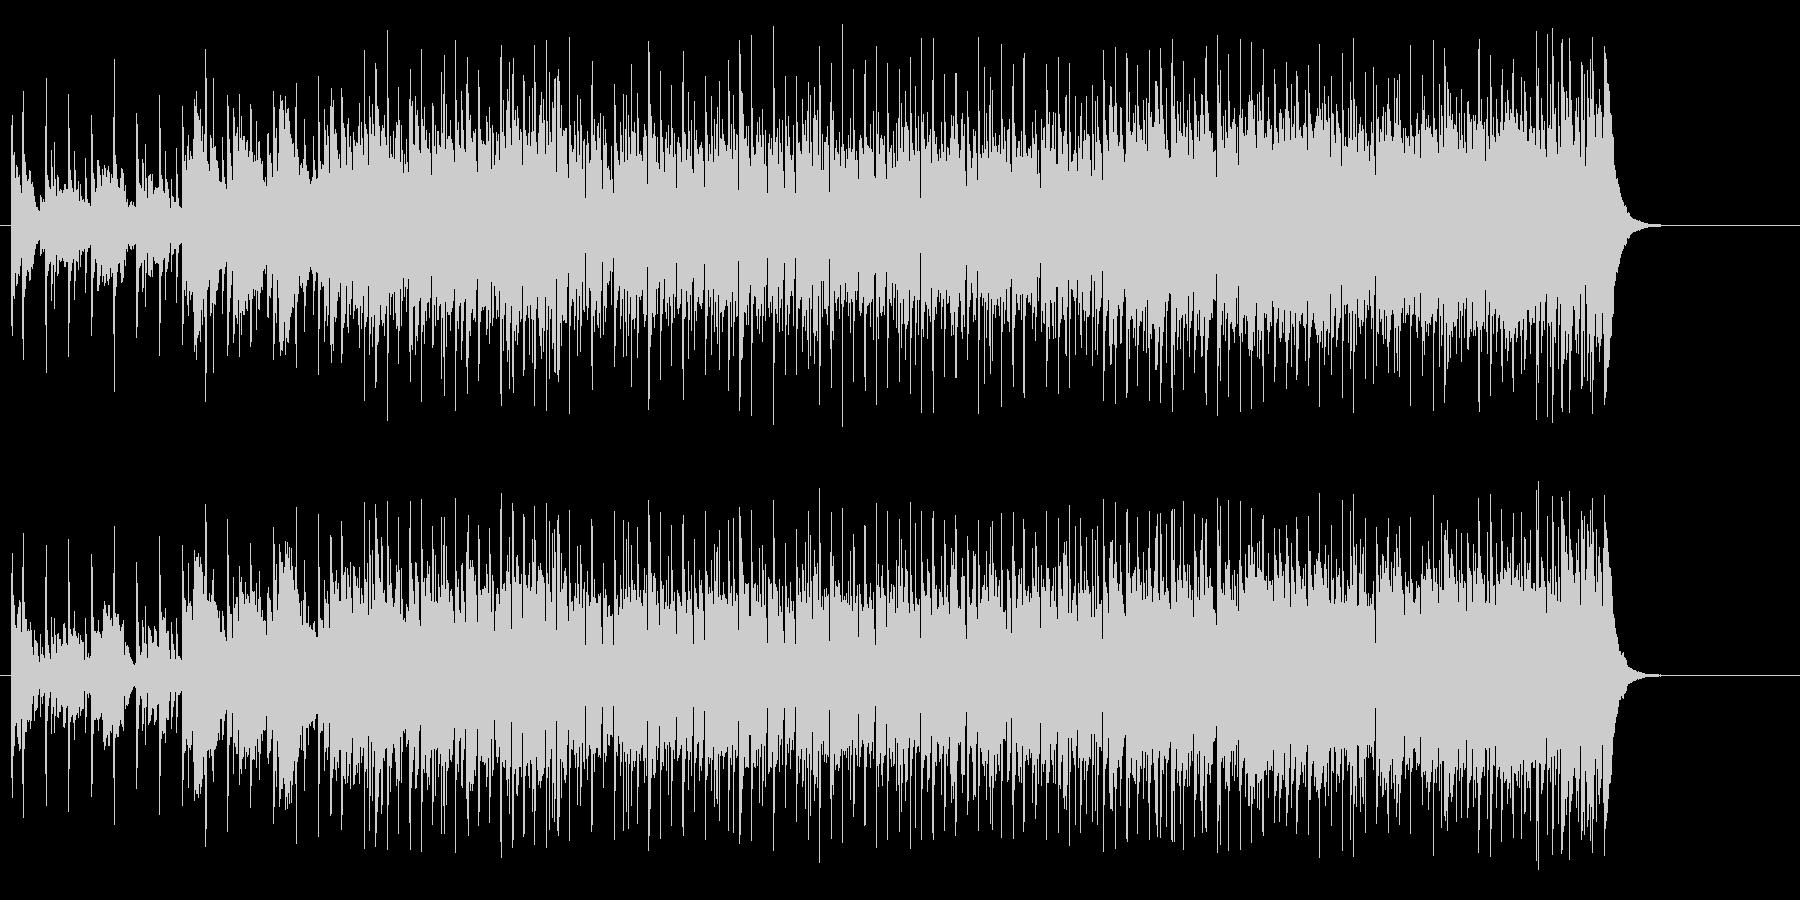 ワクワクしながら、その気になるBGMの未再生の波形